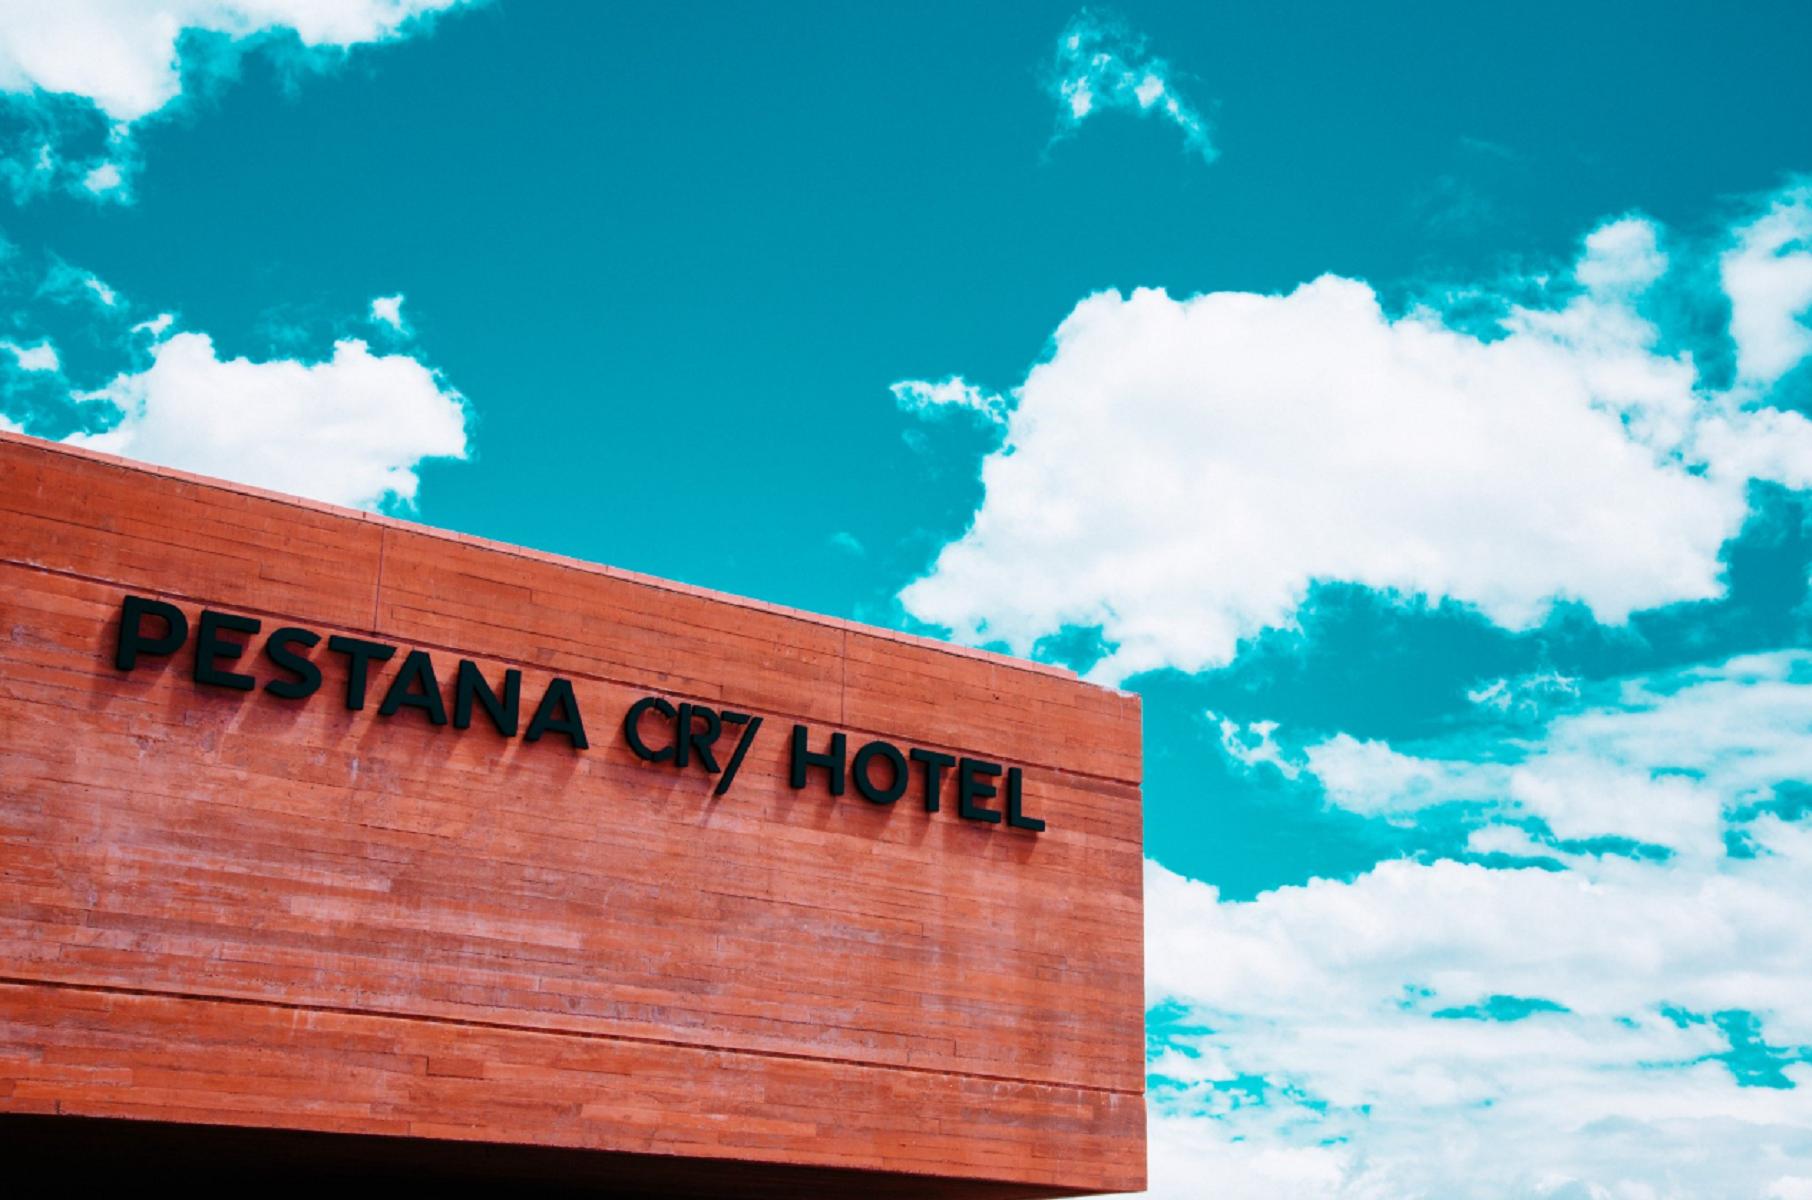 Costa Smeralda, Cristiano Ronaldo ha deciso di aprire un hotel